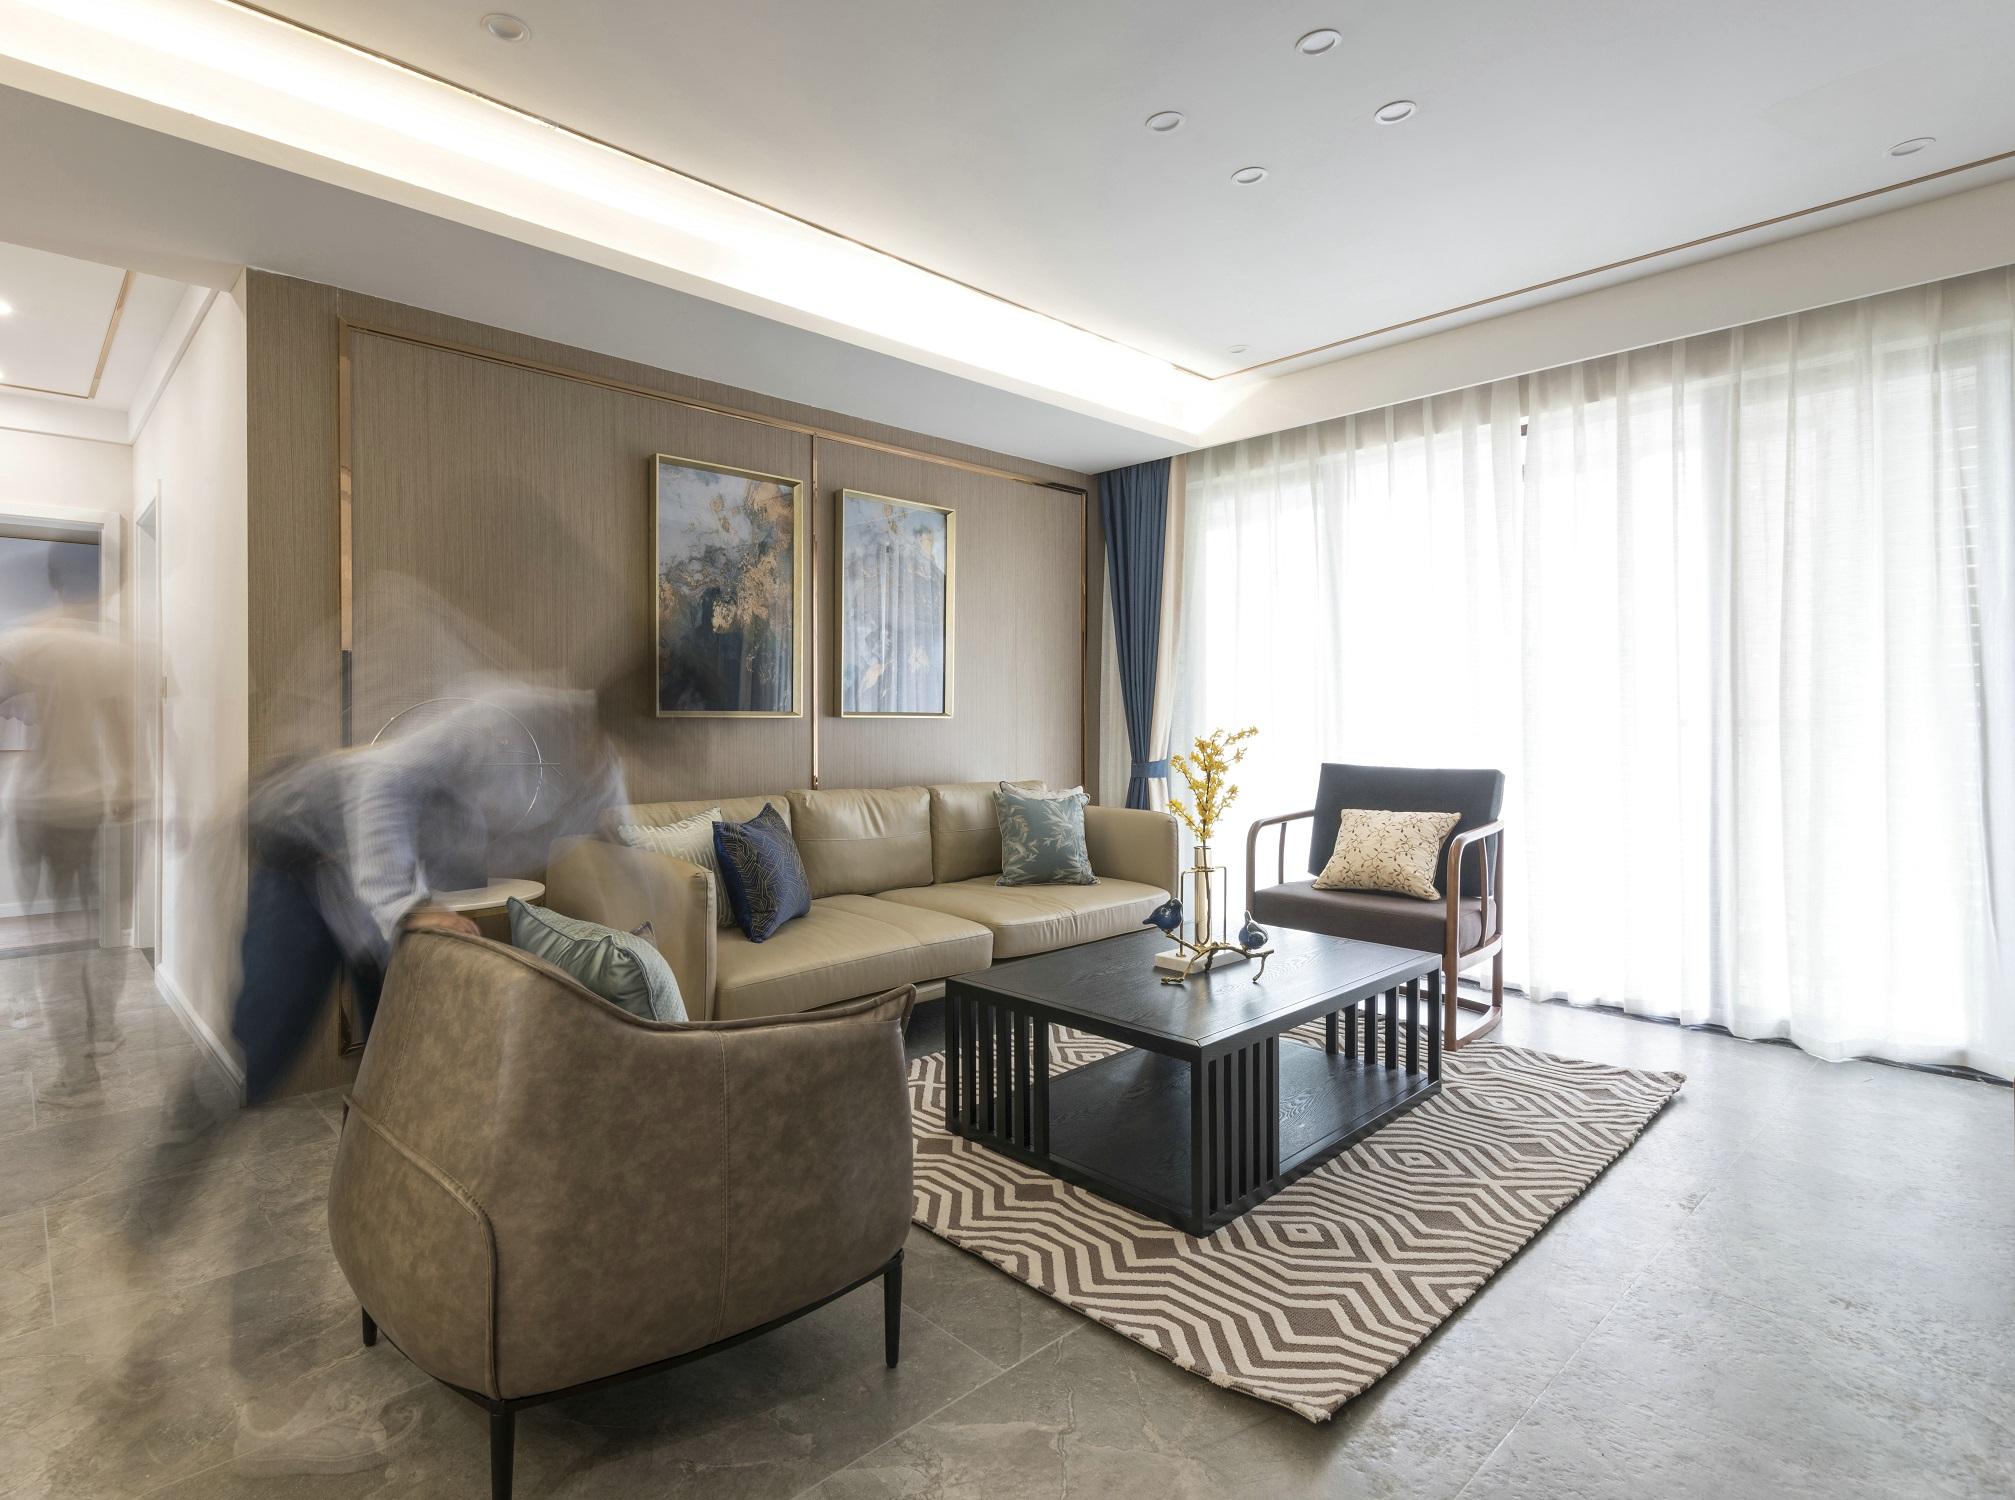 120平新中式设计沙发背景墙图片